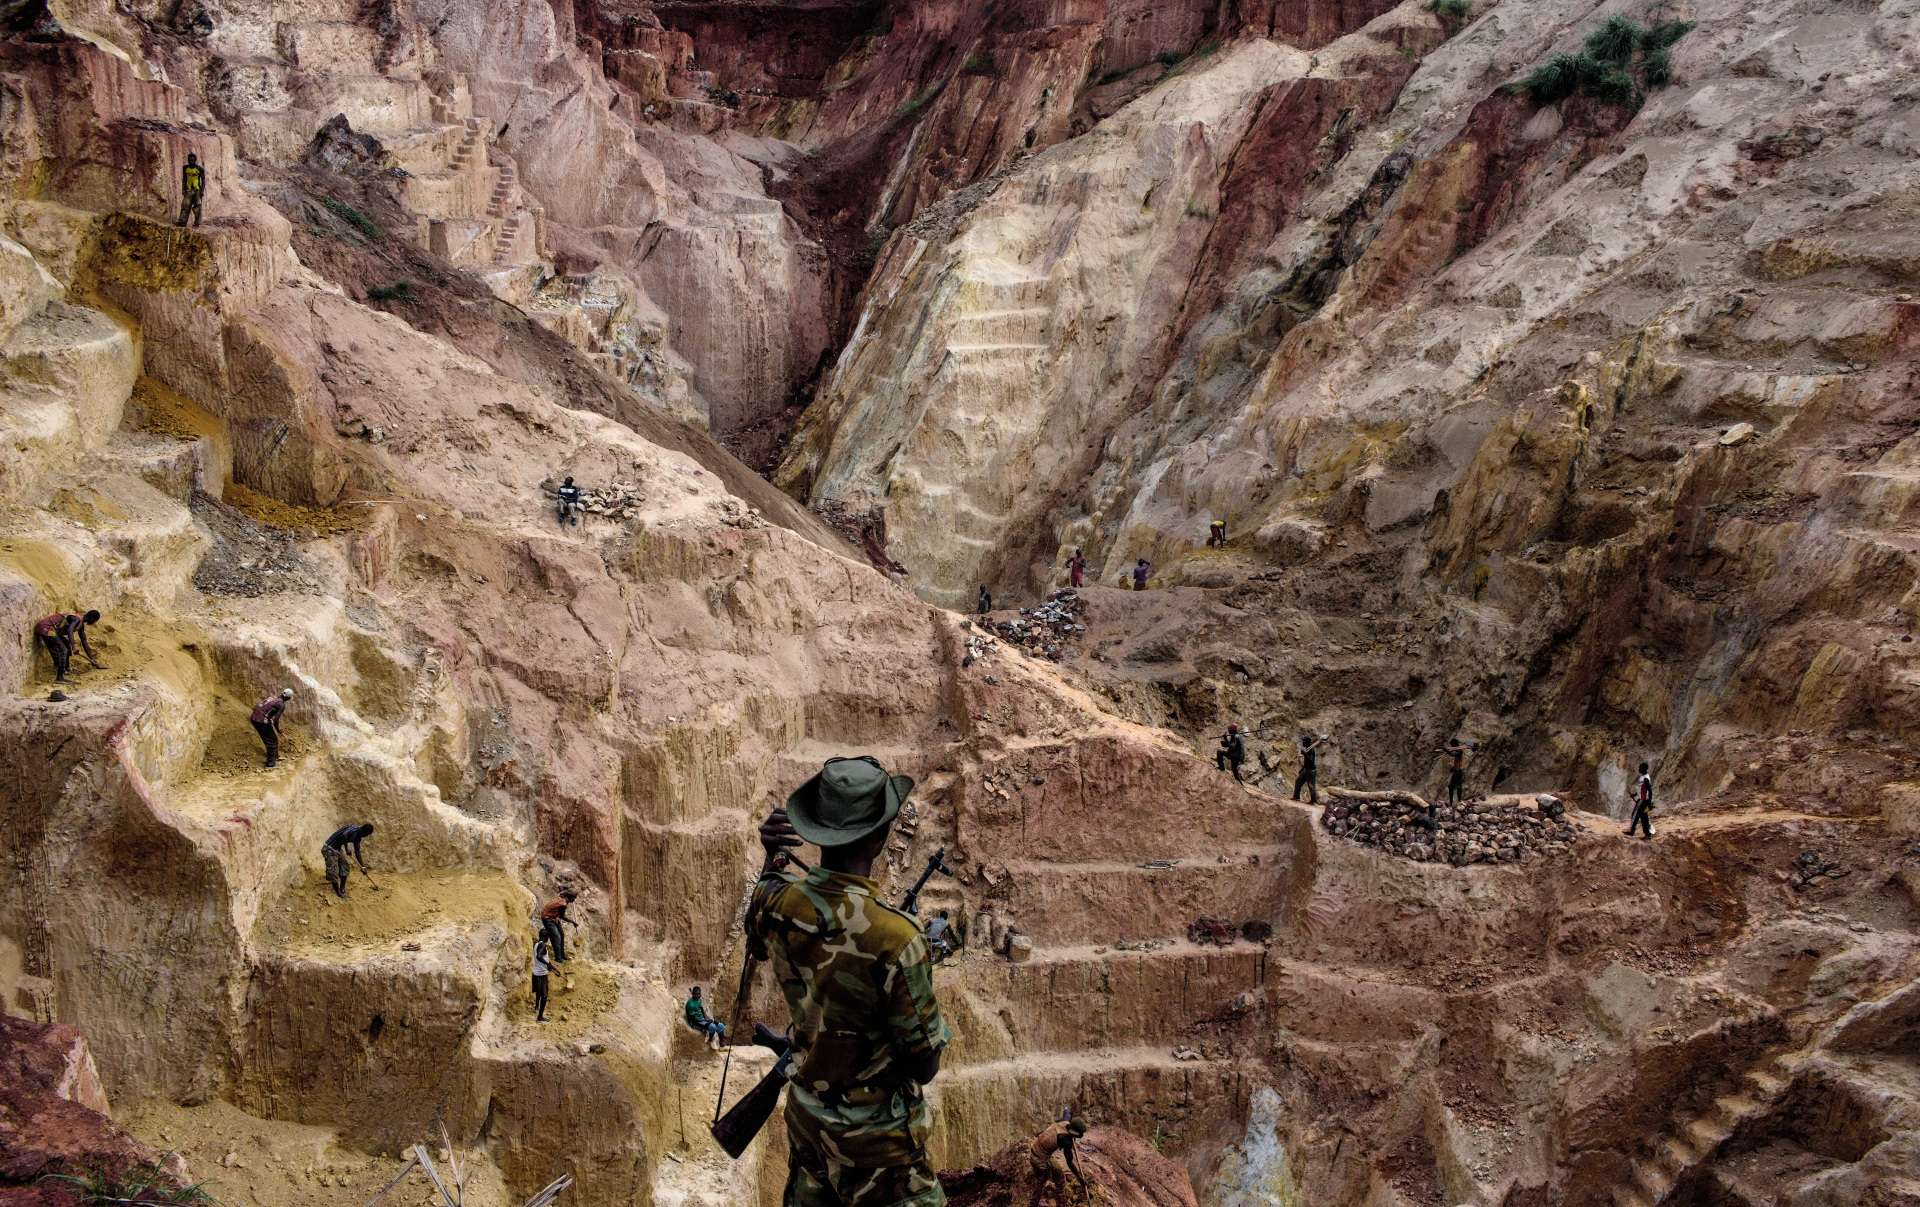 Déchirée par les massacres entre communautés chrétienne et musulmane, ainsi que les conflits nés de l'exploitation de ses ressources minières, la RCA peine à se sortir du chaos. La mine d'or de Ndassima, près de la ville de Bambari, est la plus importante de Centrafrique. Des centaines de mineurs y produisent près de 15 kg d'or par mois. Elle est contrôlée par le général Ali Daras, ancien membre de la rébellion Séléka, qui protège les mineurs contre paiement.